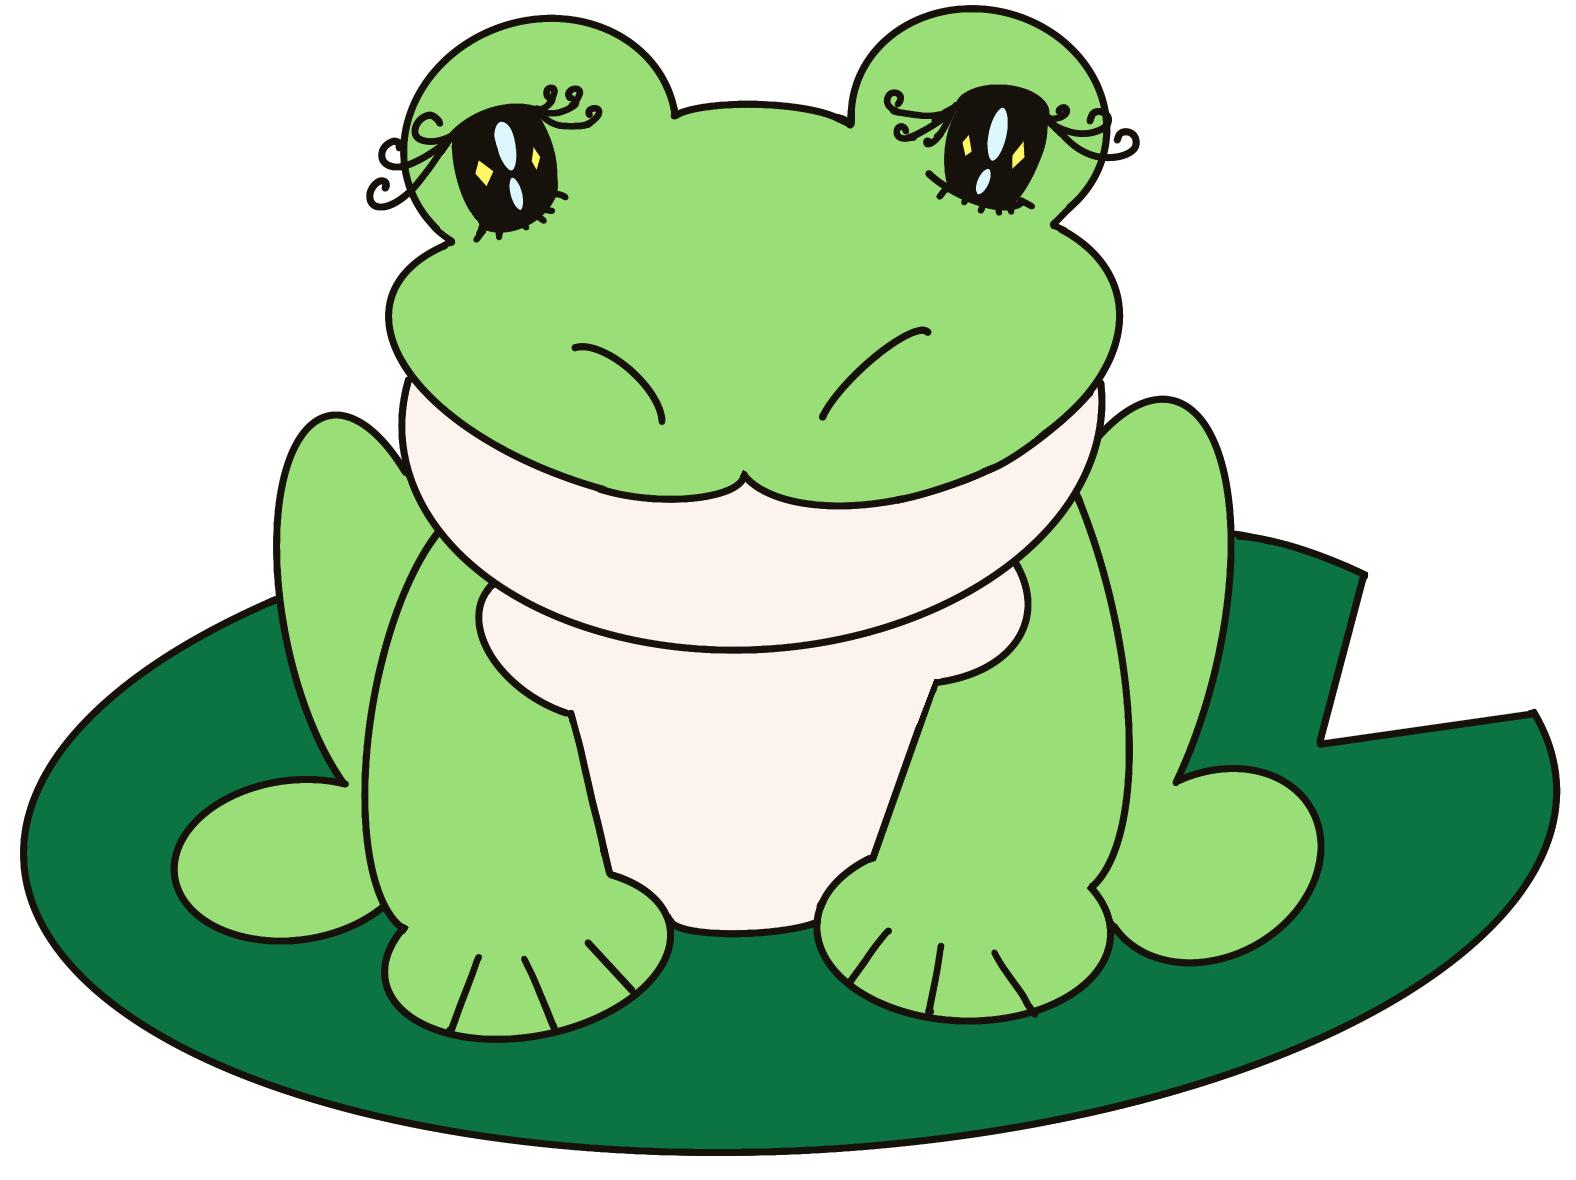 無料ぬりえプリント「カエル」(完成一例)